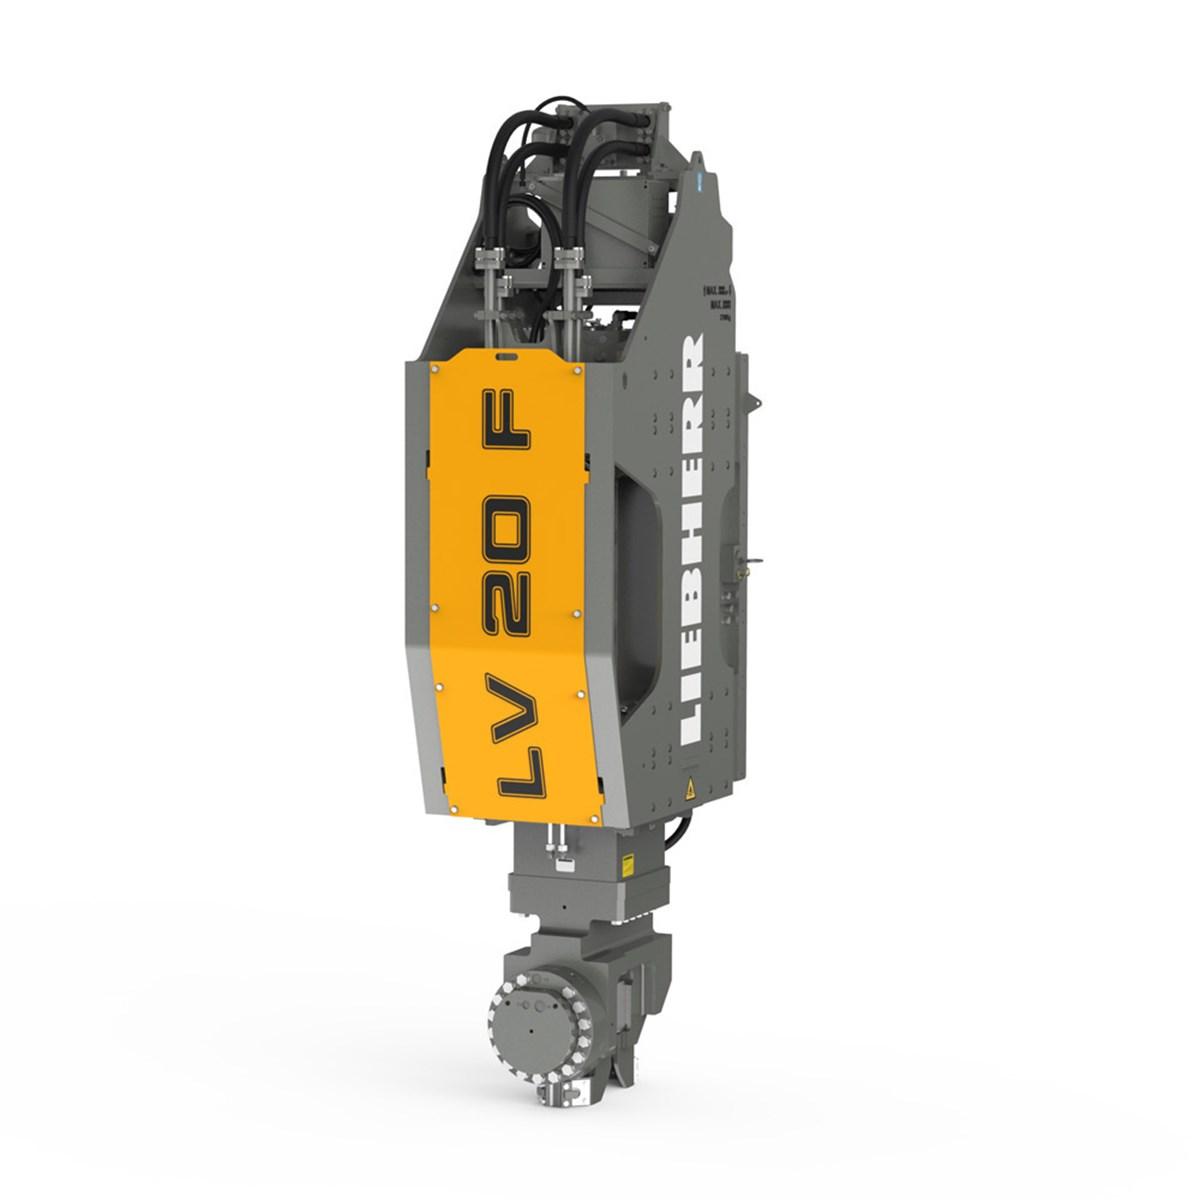 liebherr-lv-20-f-vibrator-slim-design-hockantruttler-piling.jpg